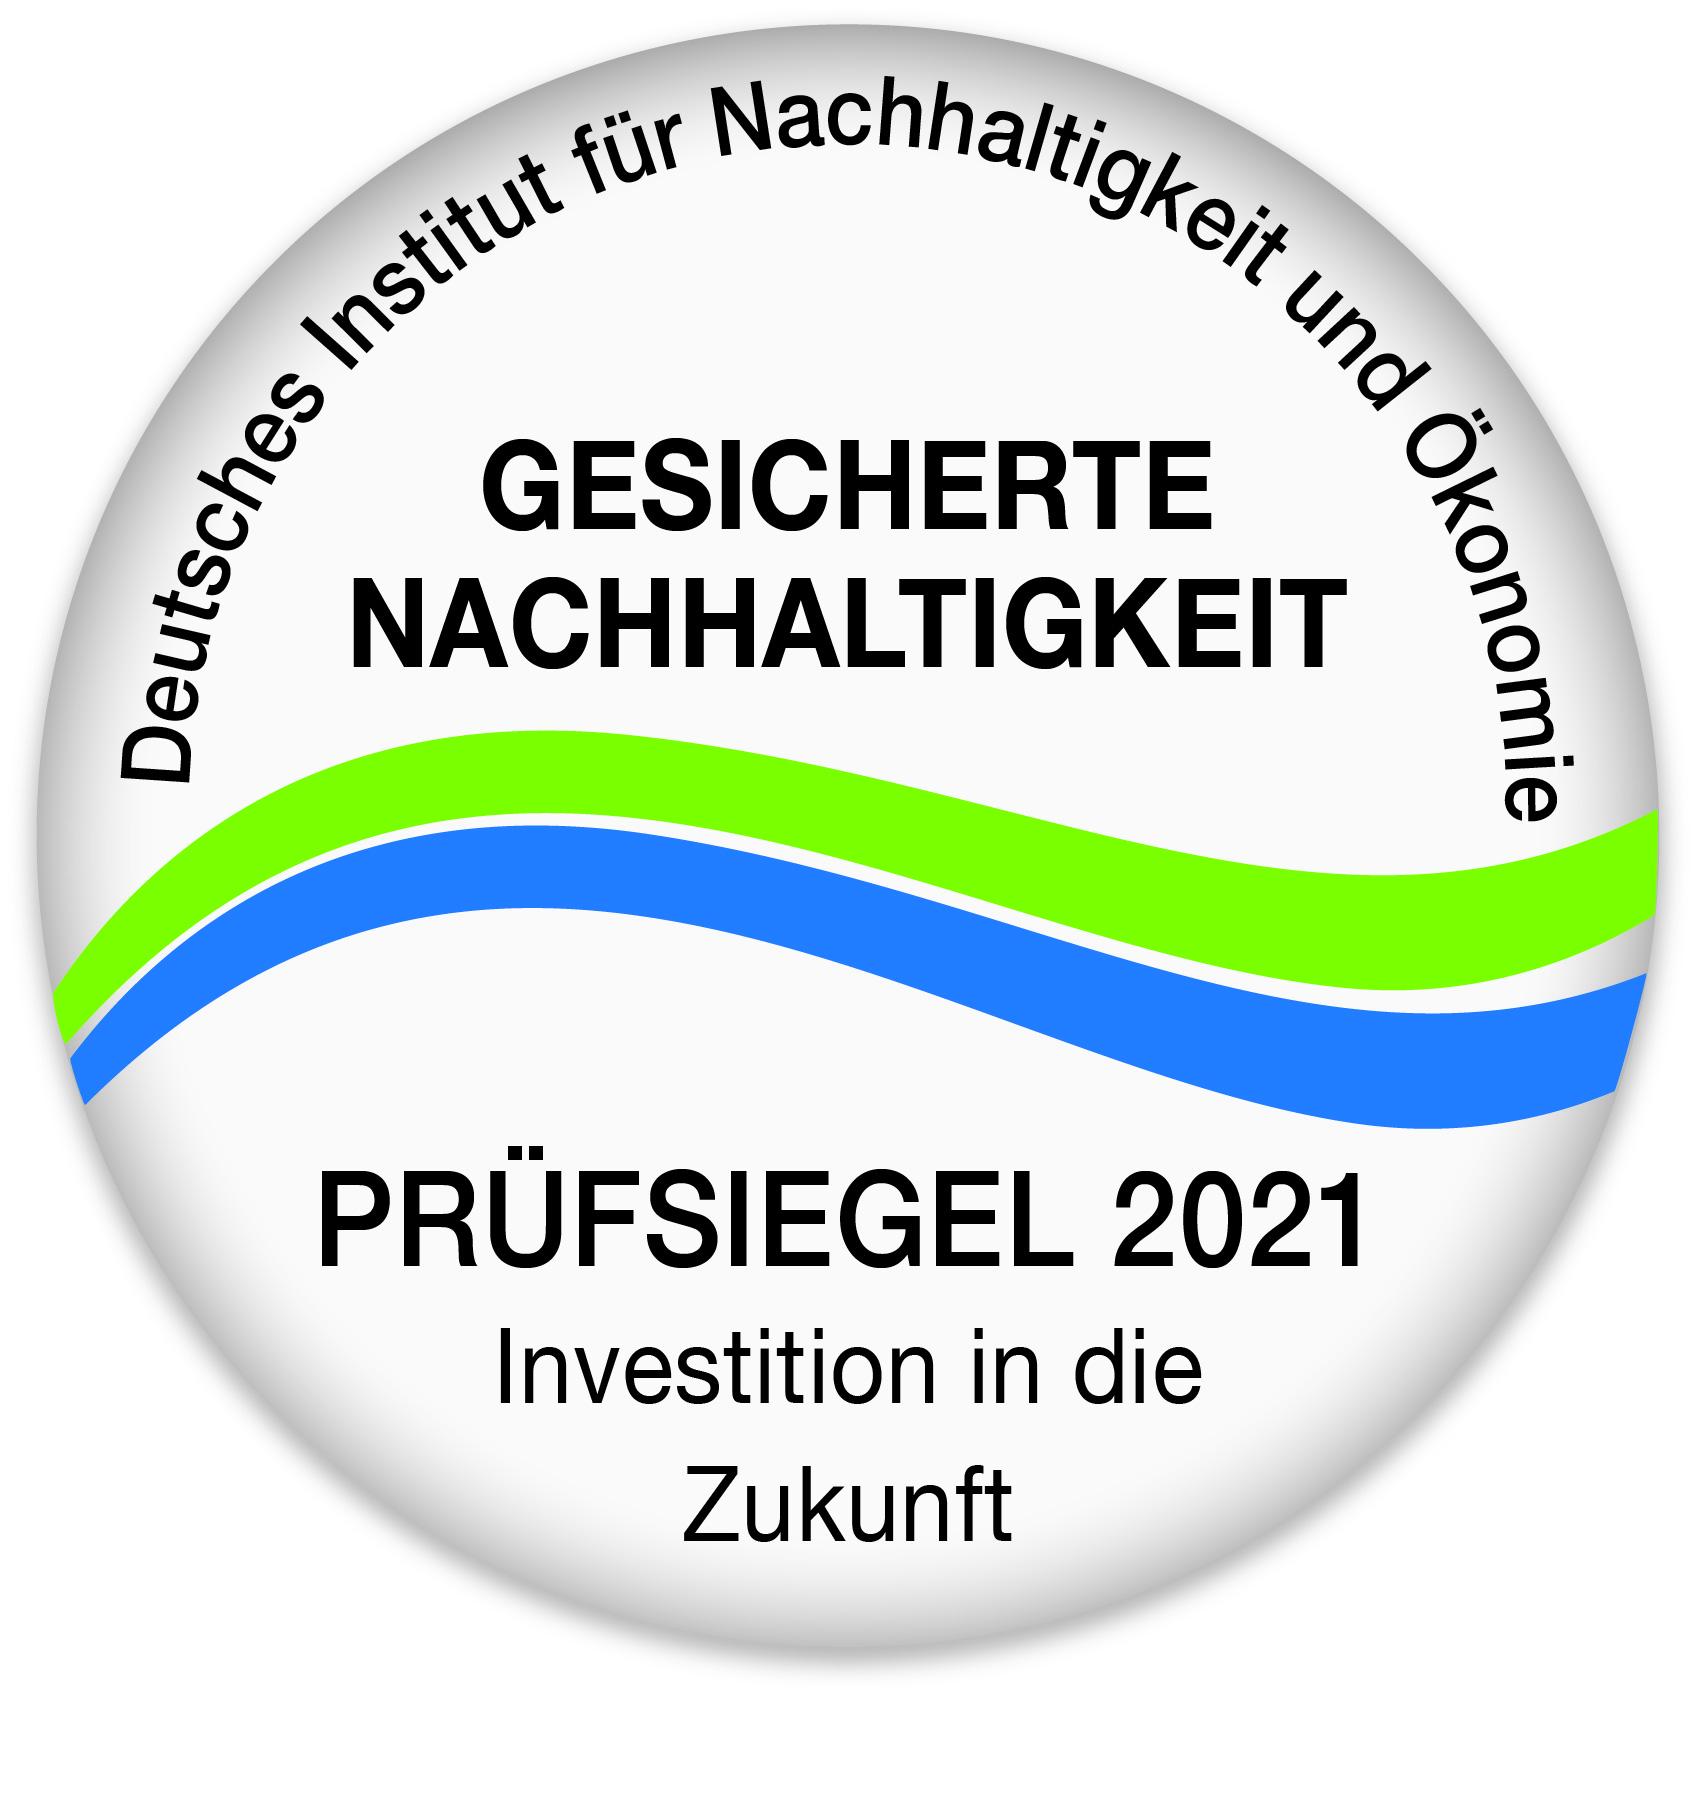 Gesicherte Nachhaltigkeit Prüfsiegel 2021